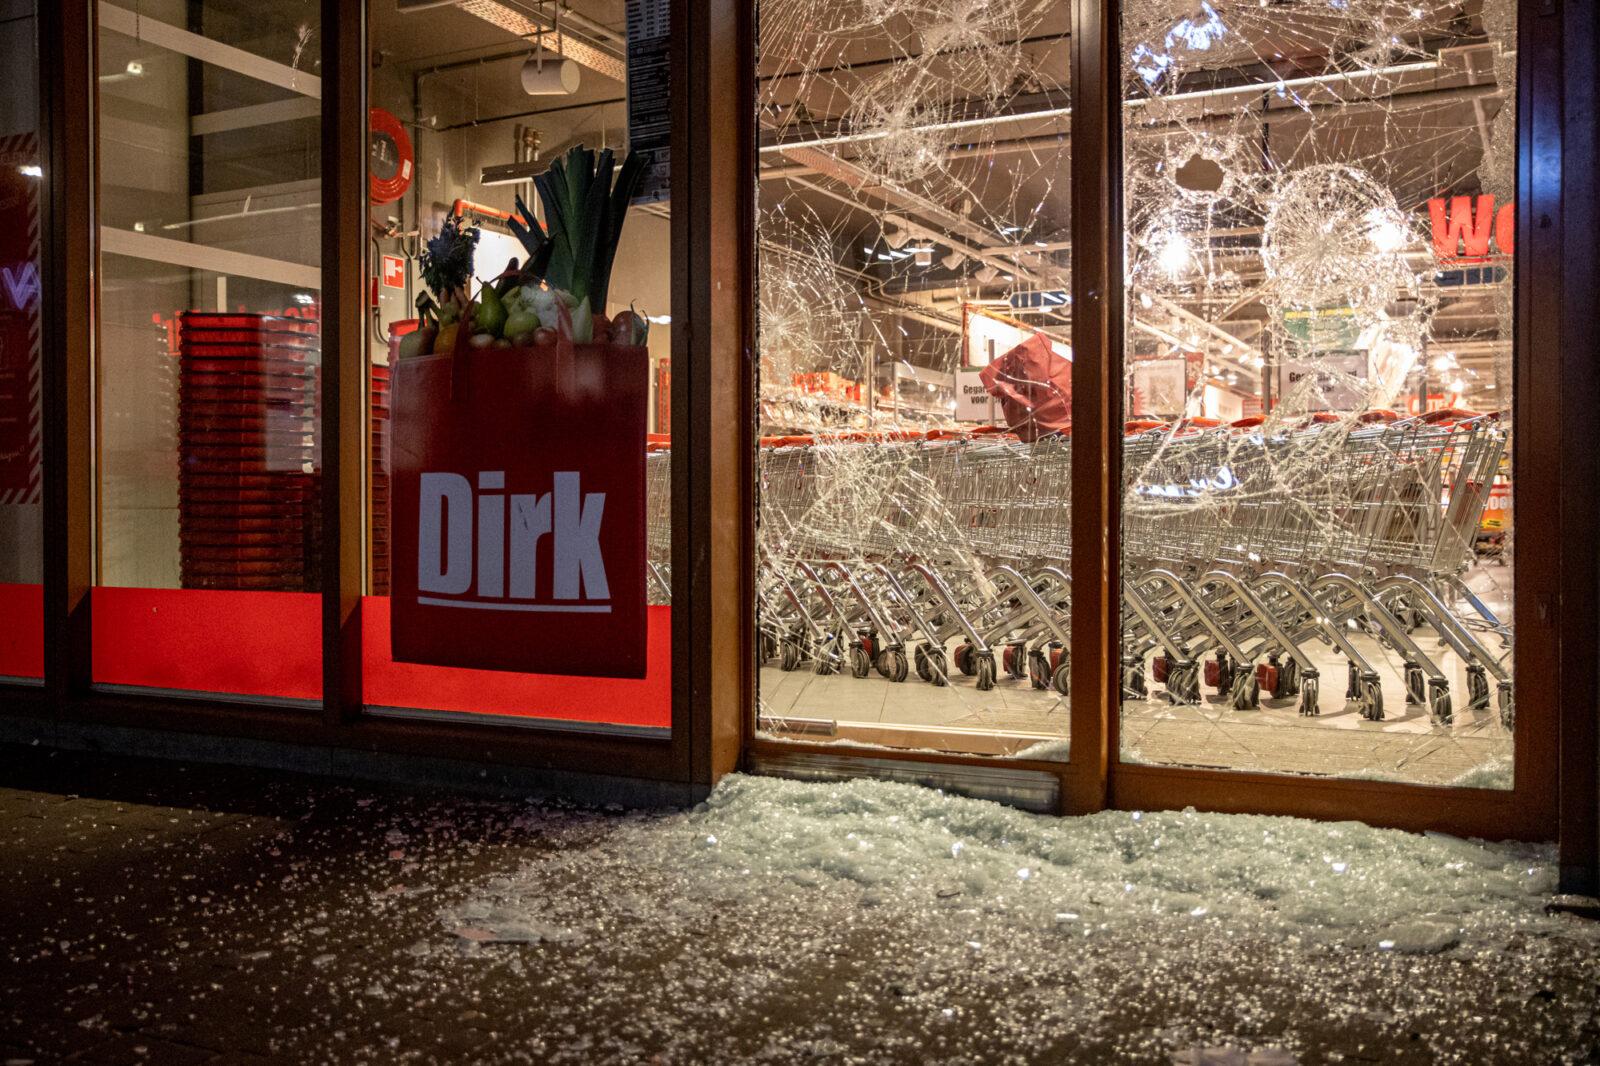 Schade aan de Dirk.